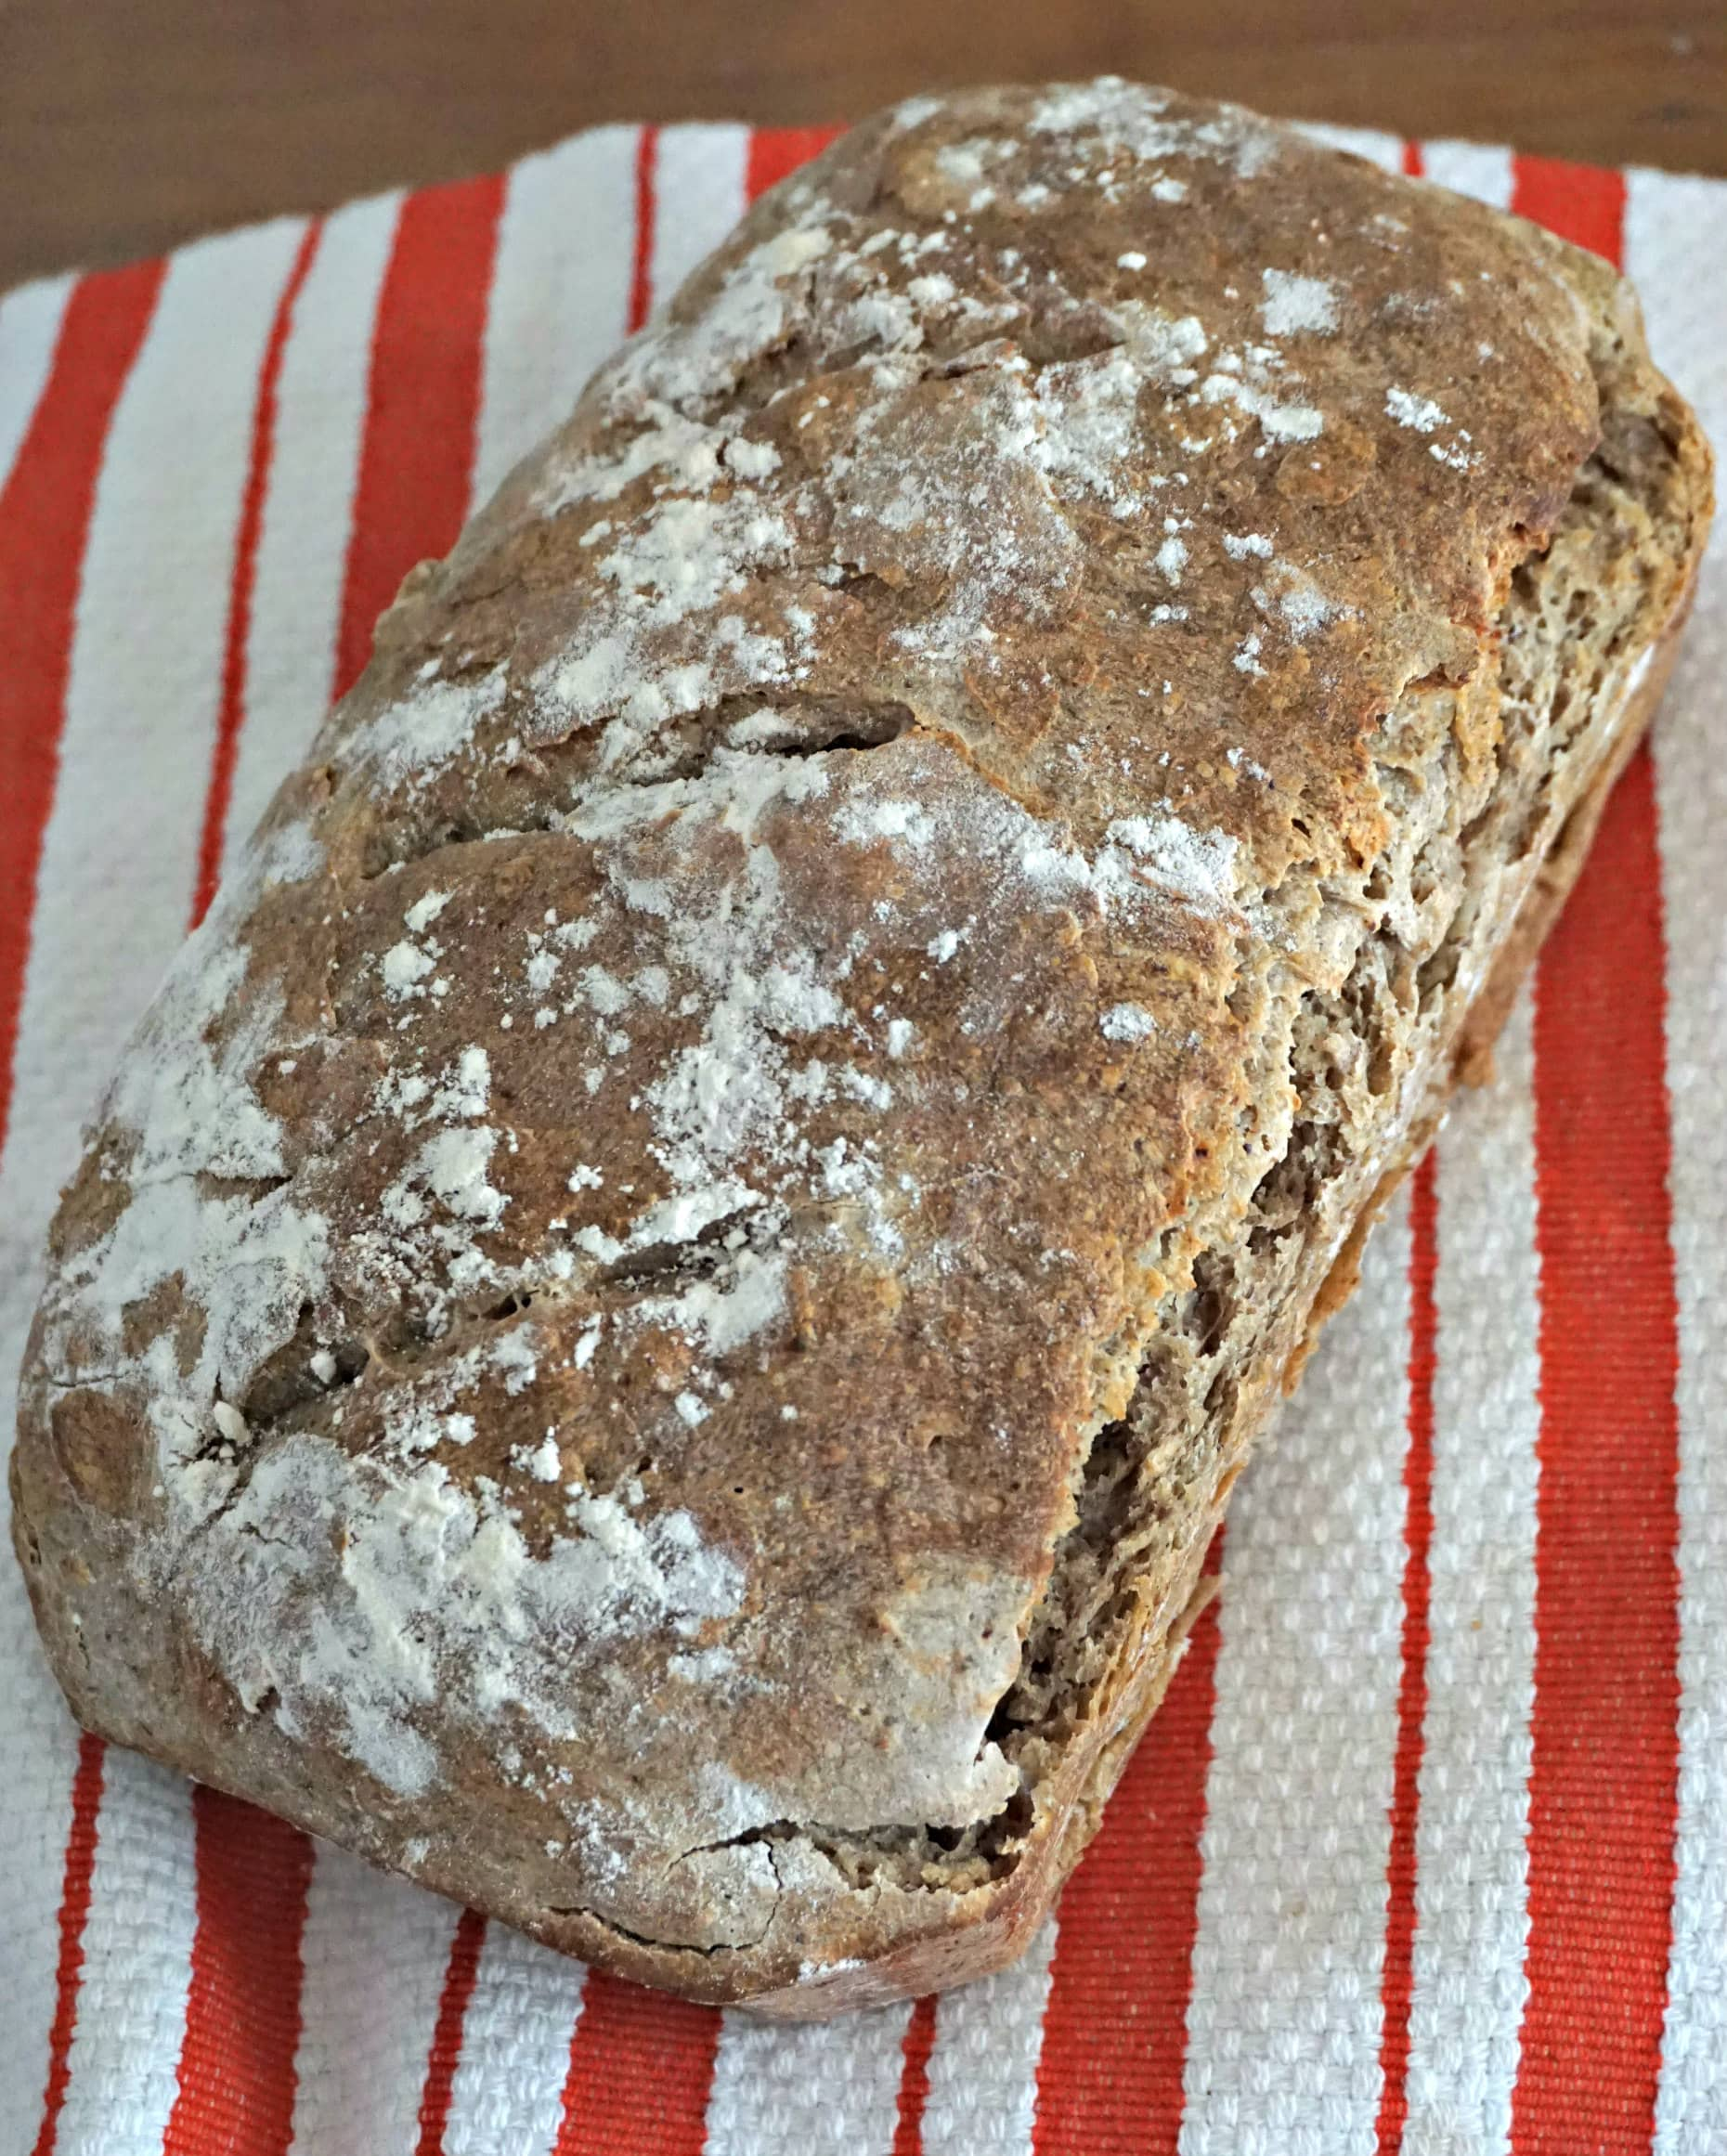 Making Bread - mixed grain sourdough cloth